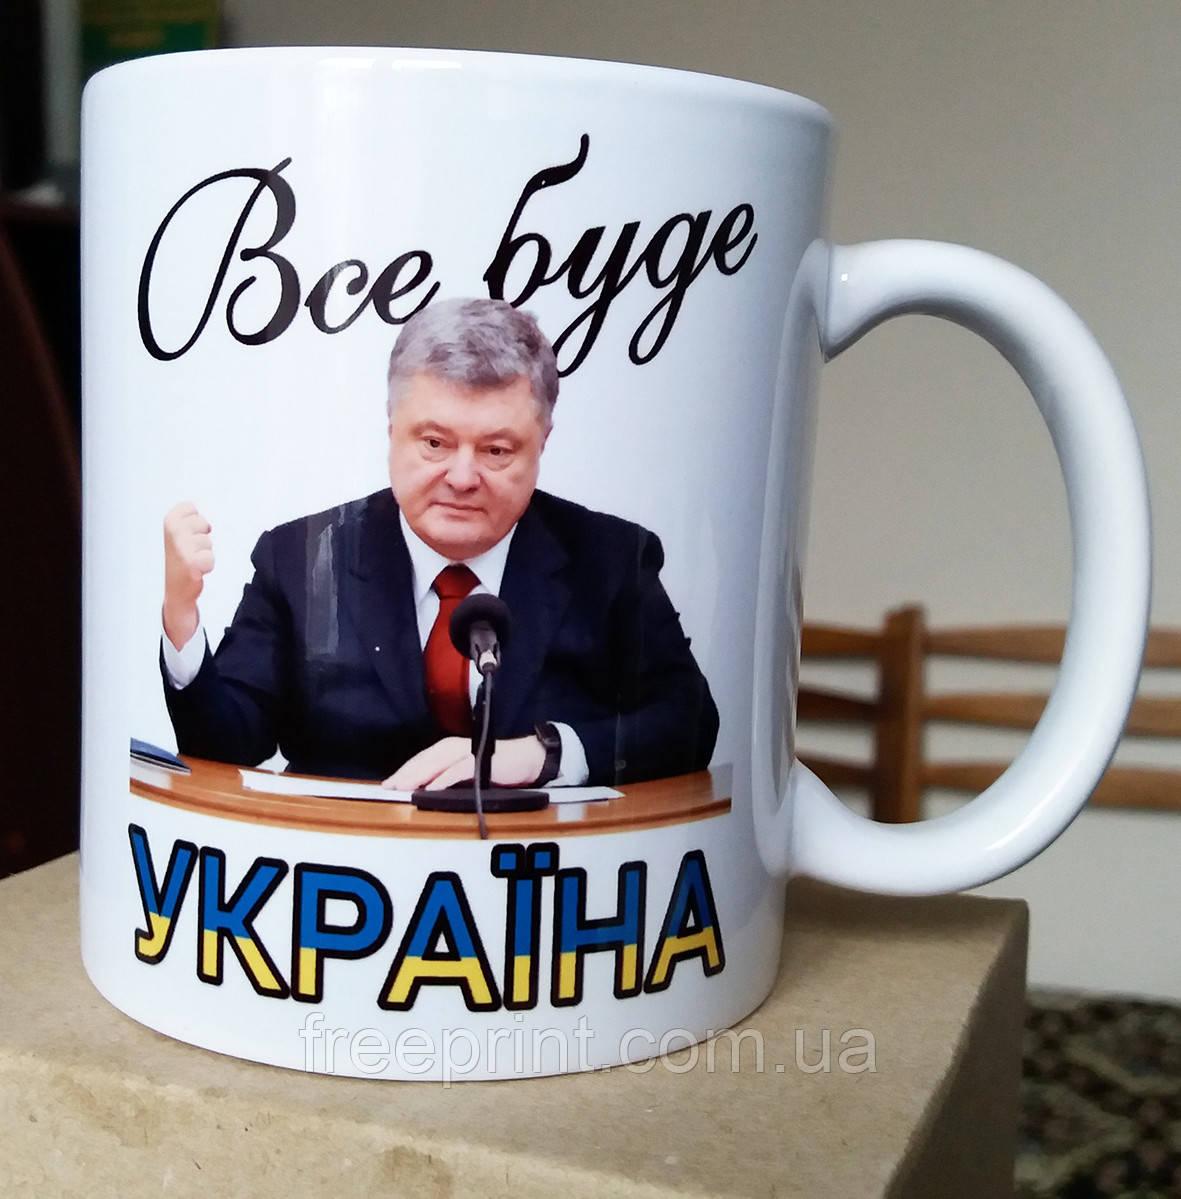 """Чашка-прикол """"Порошенко. Все буде Україна"""". Печать на чашках, кружках."""